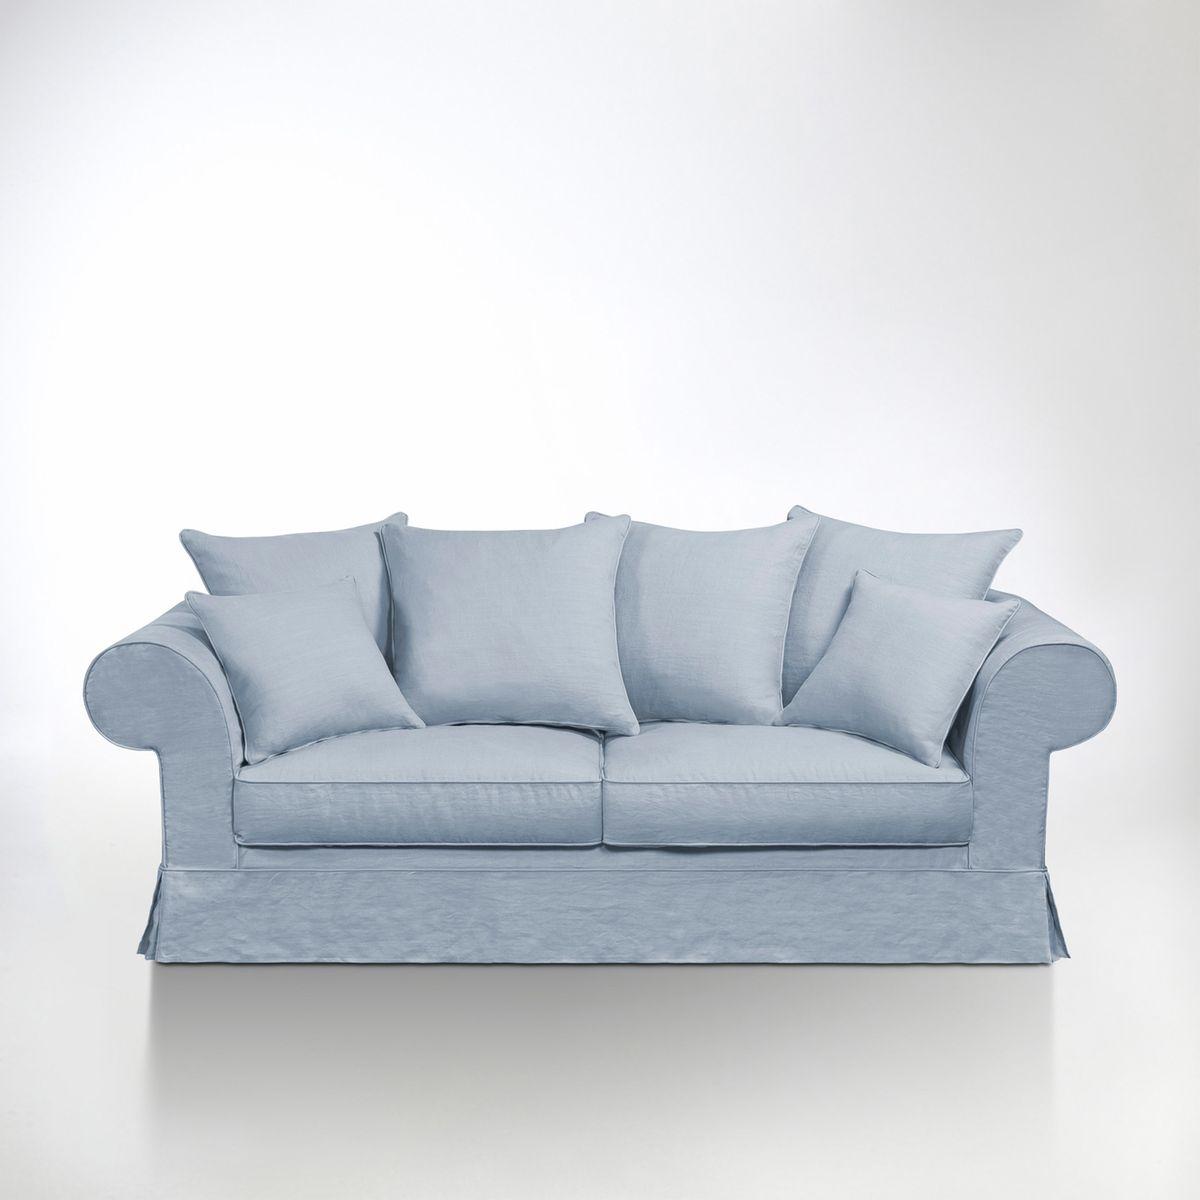 Canapé lin froissé Adelia, fixe, confort supérieur. Délassez-vous dans ce canapé à lassise confortable et succombez à lélégance de ses couleurs poudrées ! Les matériaux de ce canapé ont été choisis pour vous assurer qualité et confort. Fabrication françai